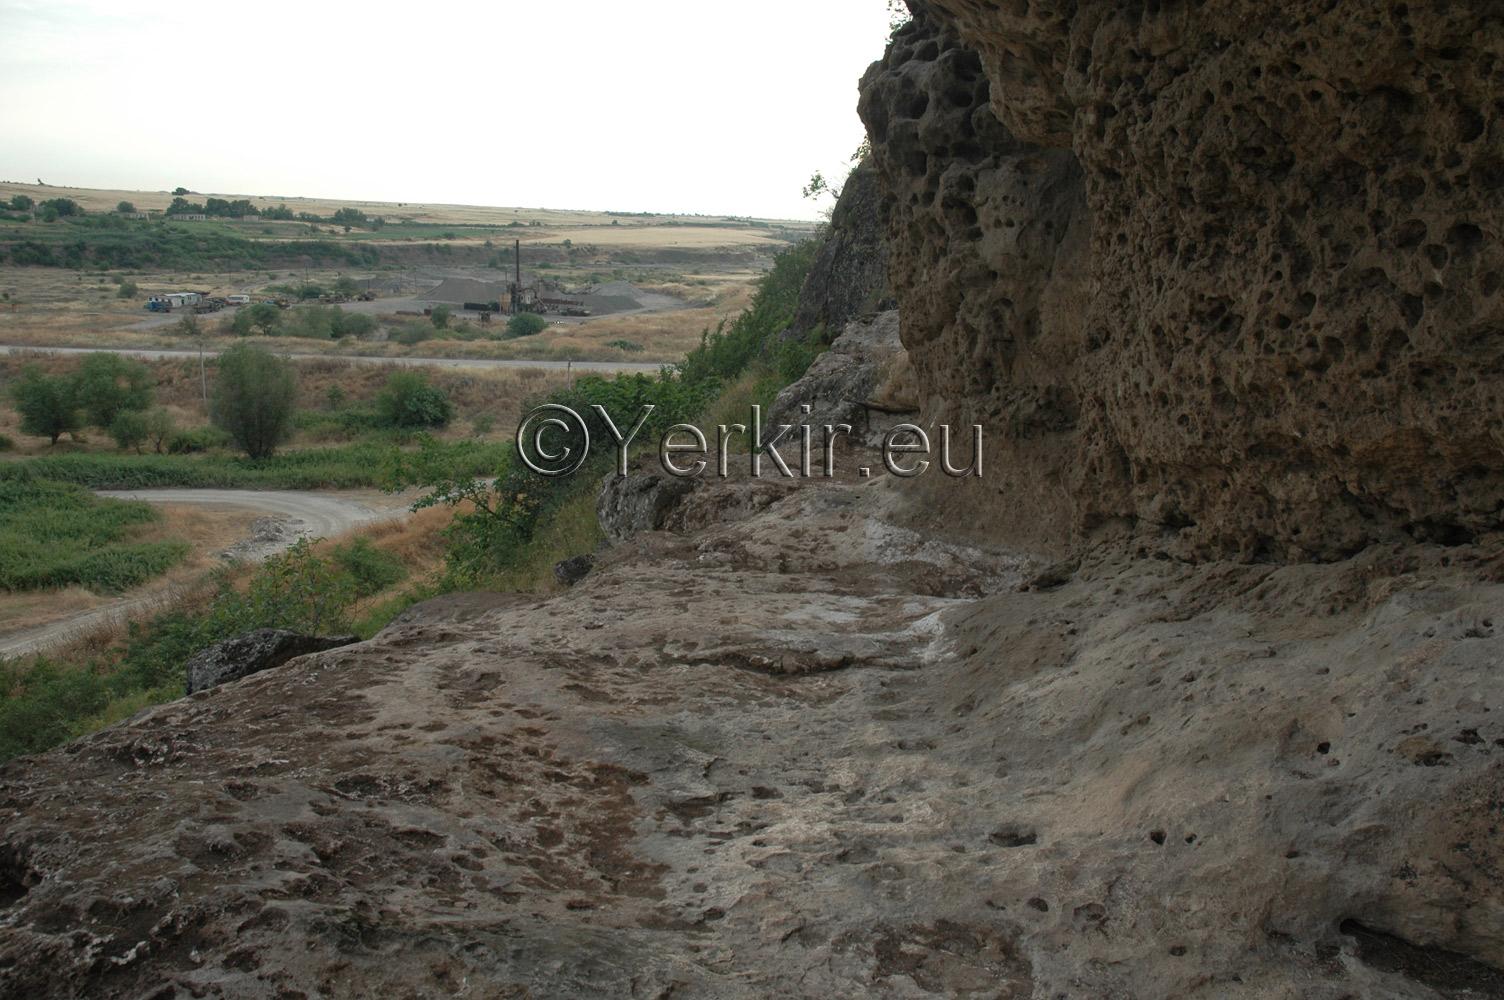 Chemin après les fouilles avec la plaine en arrière-plan